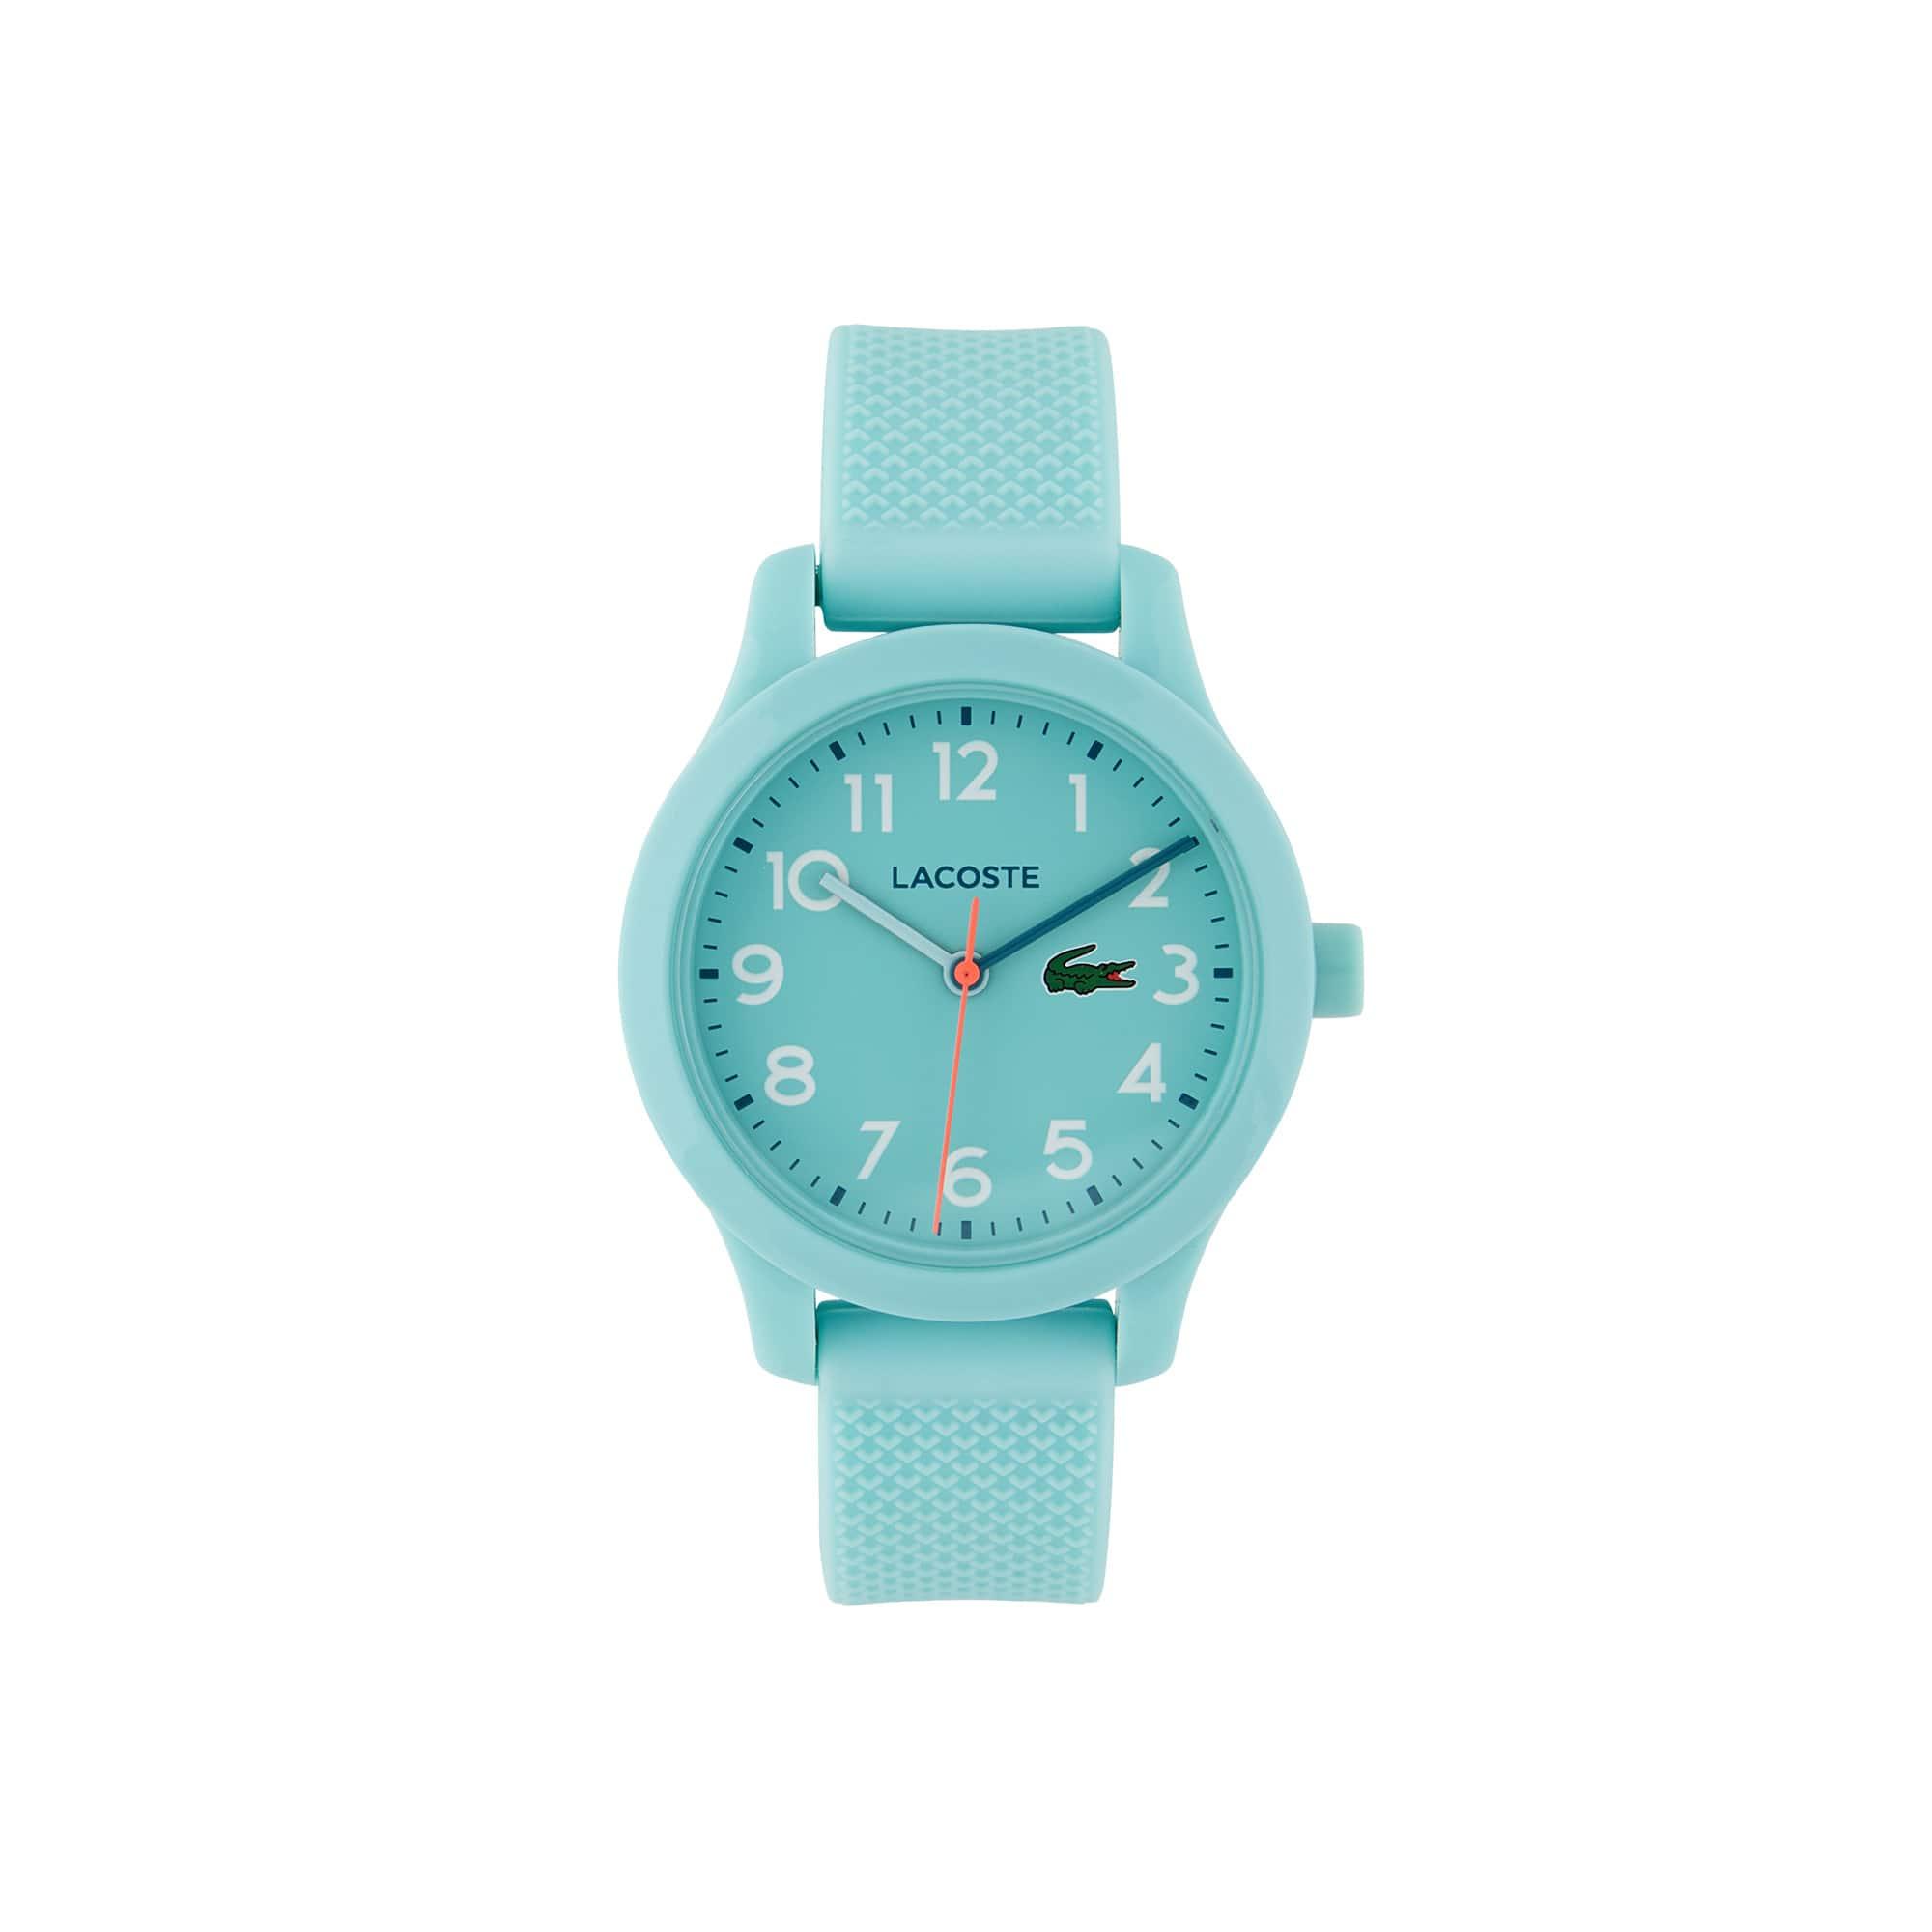 Relógio Lacoste 12.12 Criança com Bracelete em Silicone Turquesa